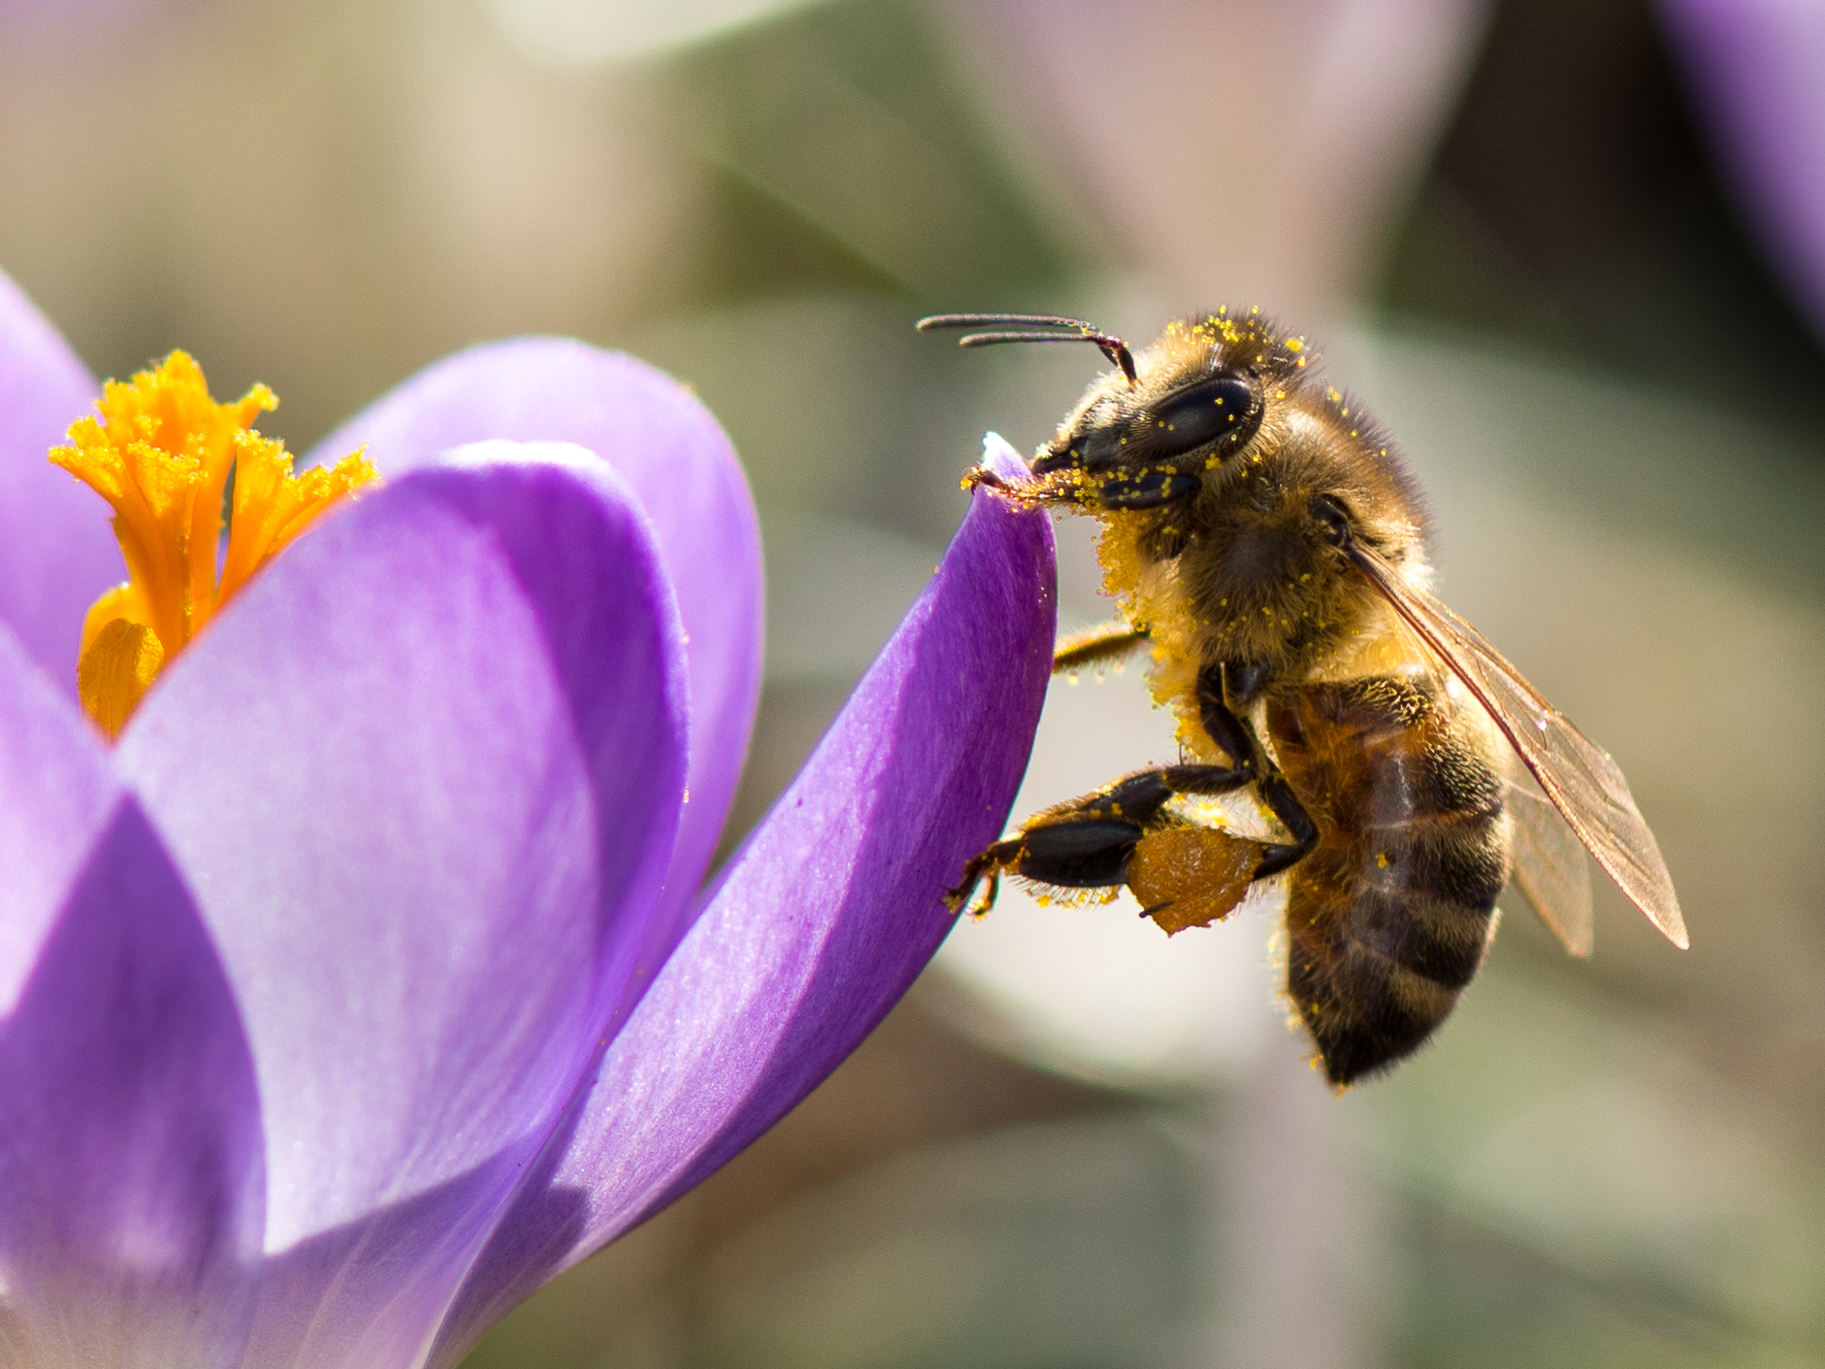 Bijenlandschap-fotowedstrijd 2018: maak de mooiste bijenfoto!